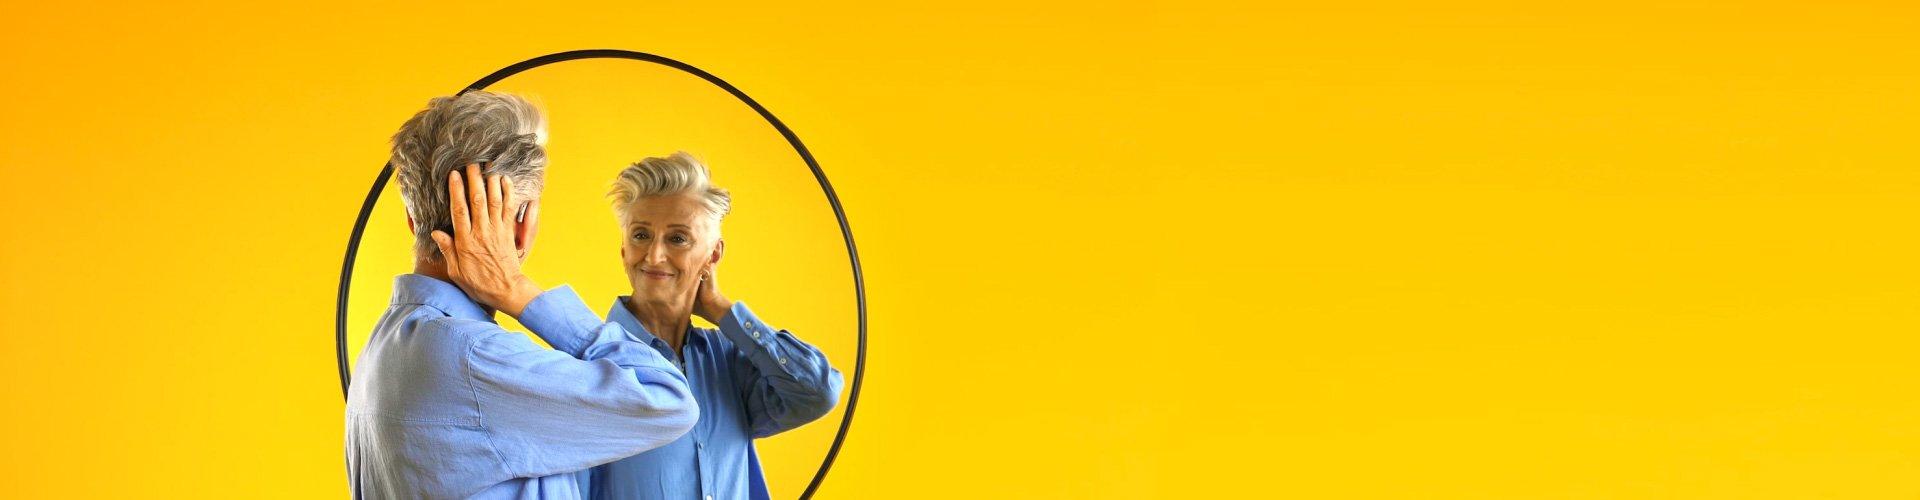 フィリップス ヒアリンク補聴器を装用した女性が、鏡に映った自分の姿を見て幸せな気分になる場面